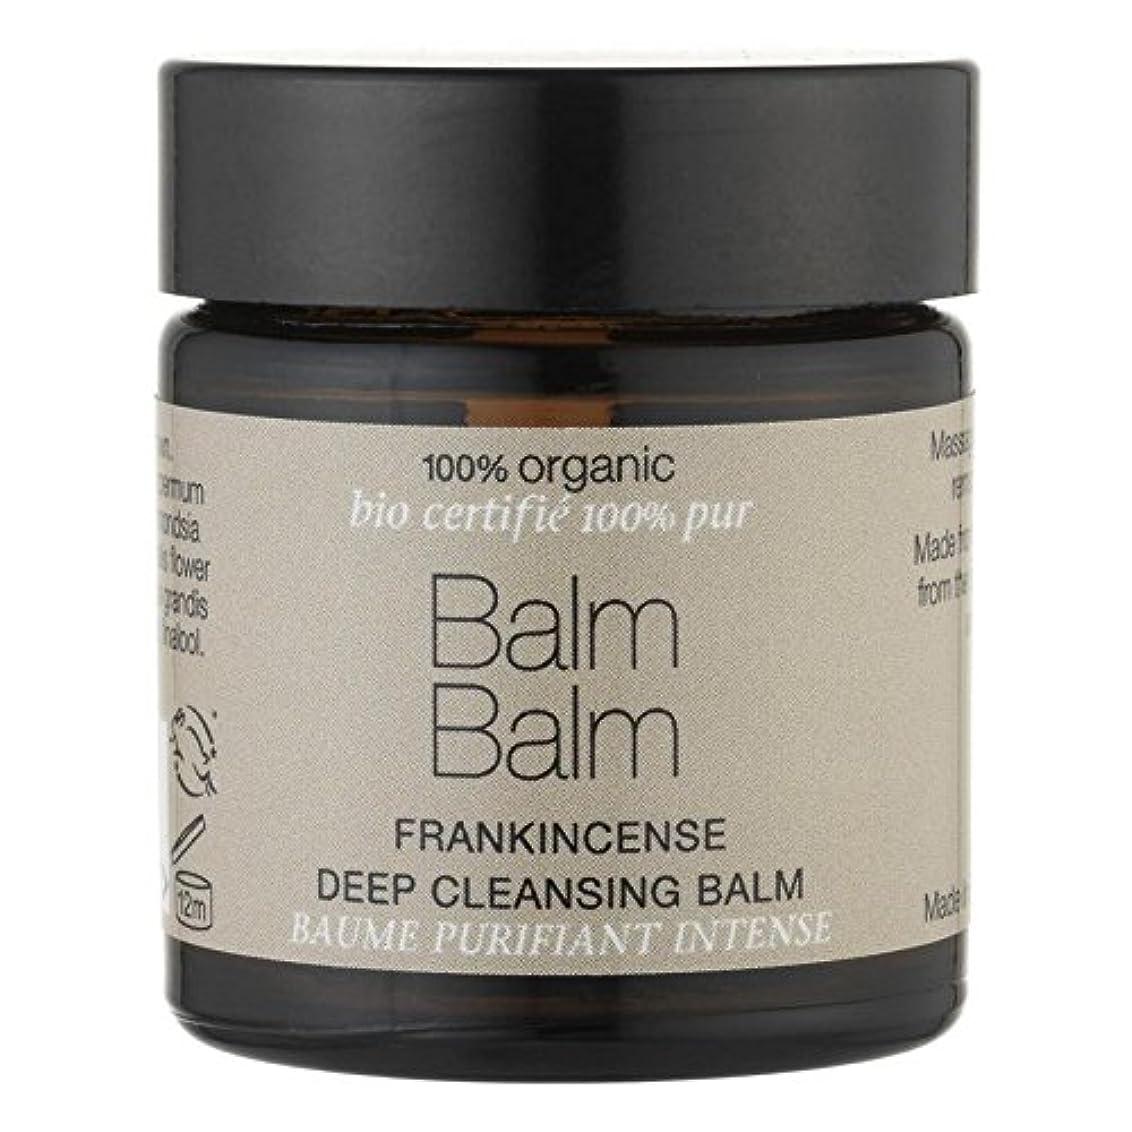 とげ助手失態バームバーム乳香有機ディープクレンジングクリーム30ミリリットル x4 - Balm Balm Frankincense Organic Deep Cleansing Balm 30ml (Pack of 4) [並行輸入品]